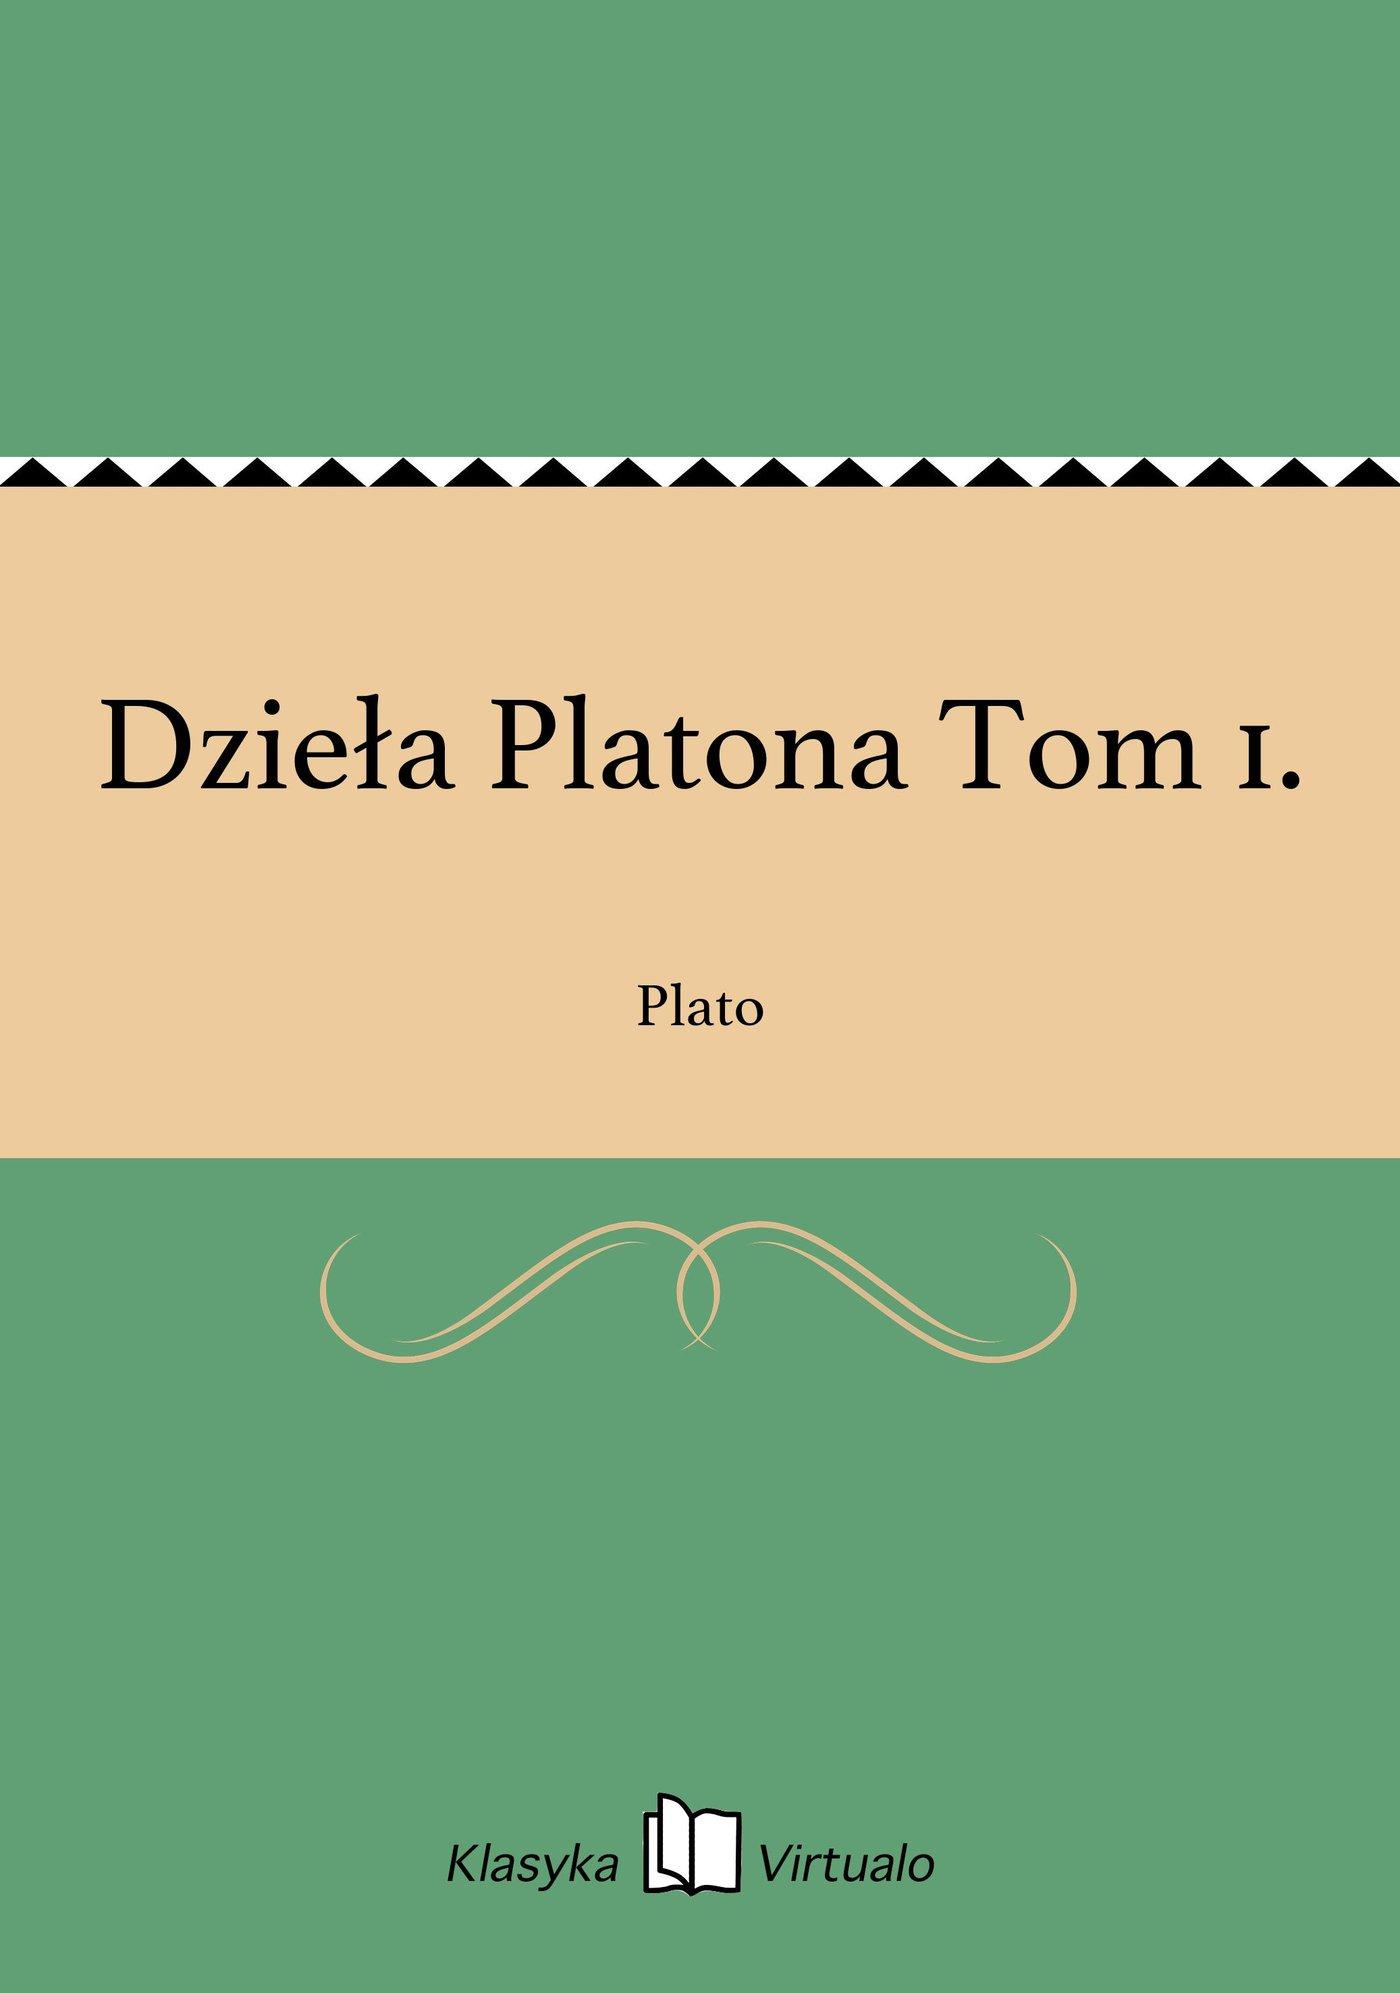 Dzieła Platona Tom 1. - Ebook (Książka EPUB) do pobrania w formacie EPUB